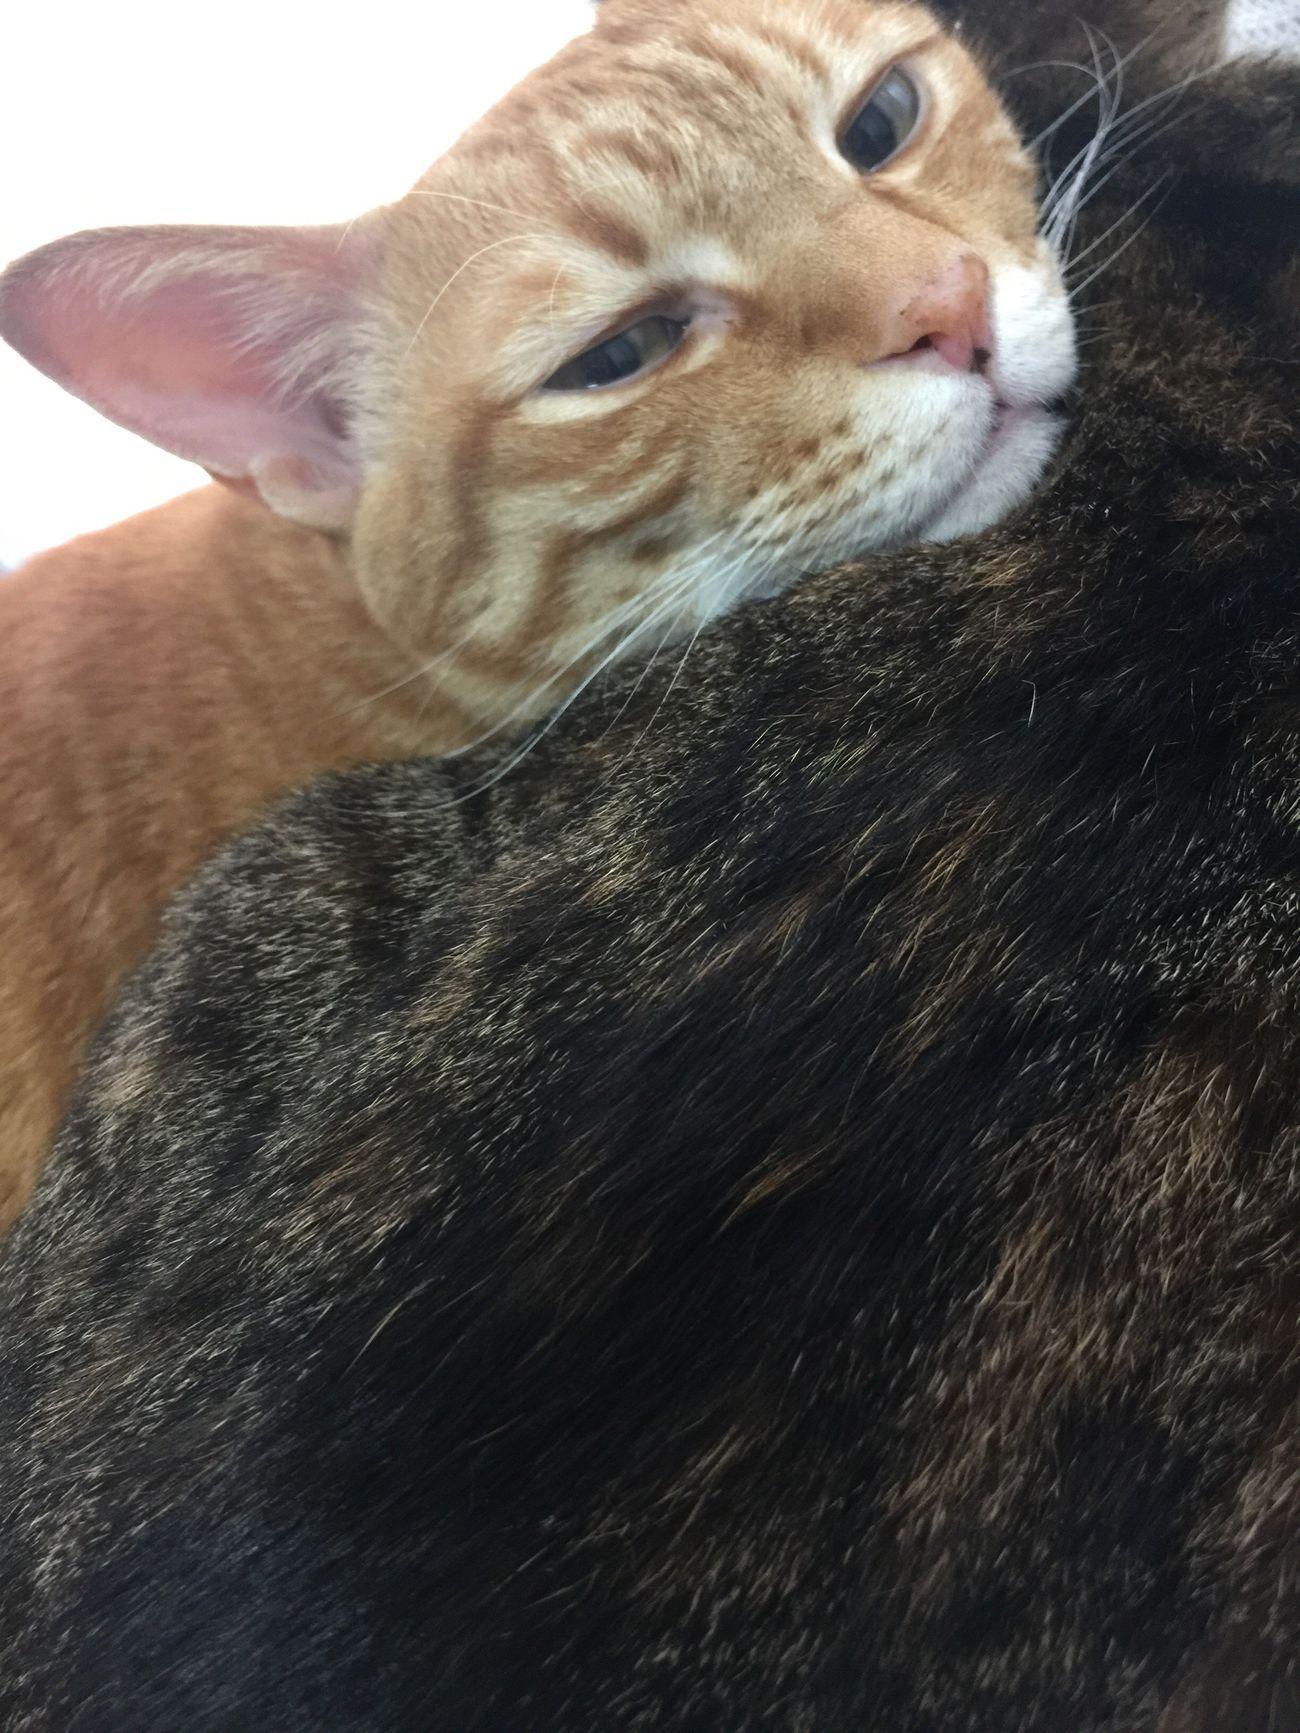 おやすみ。 Mycat うちの猫 おやすみ Goodnight